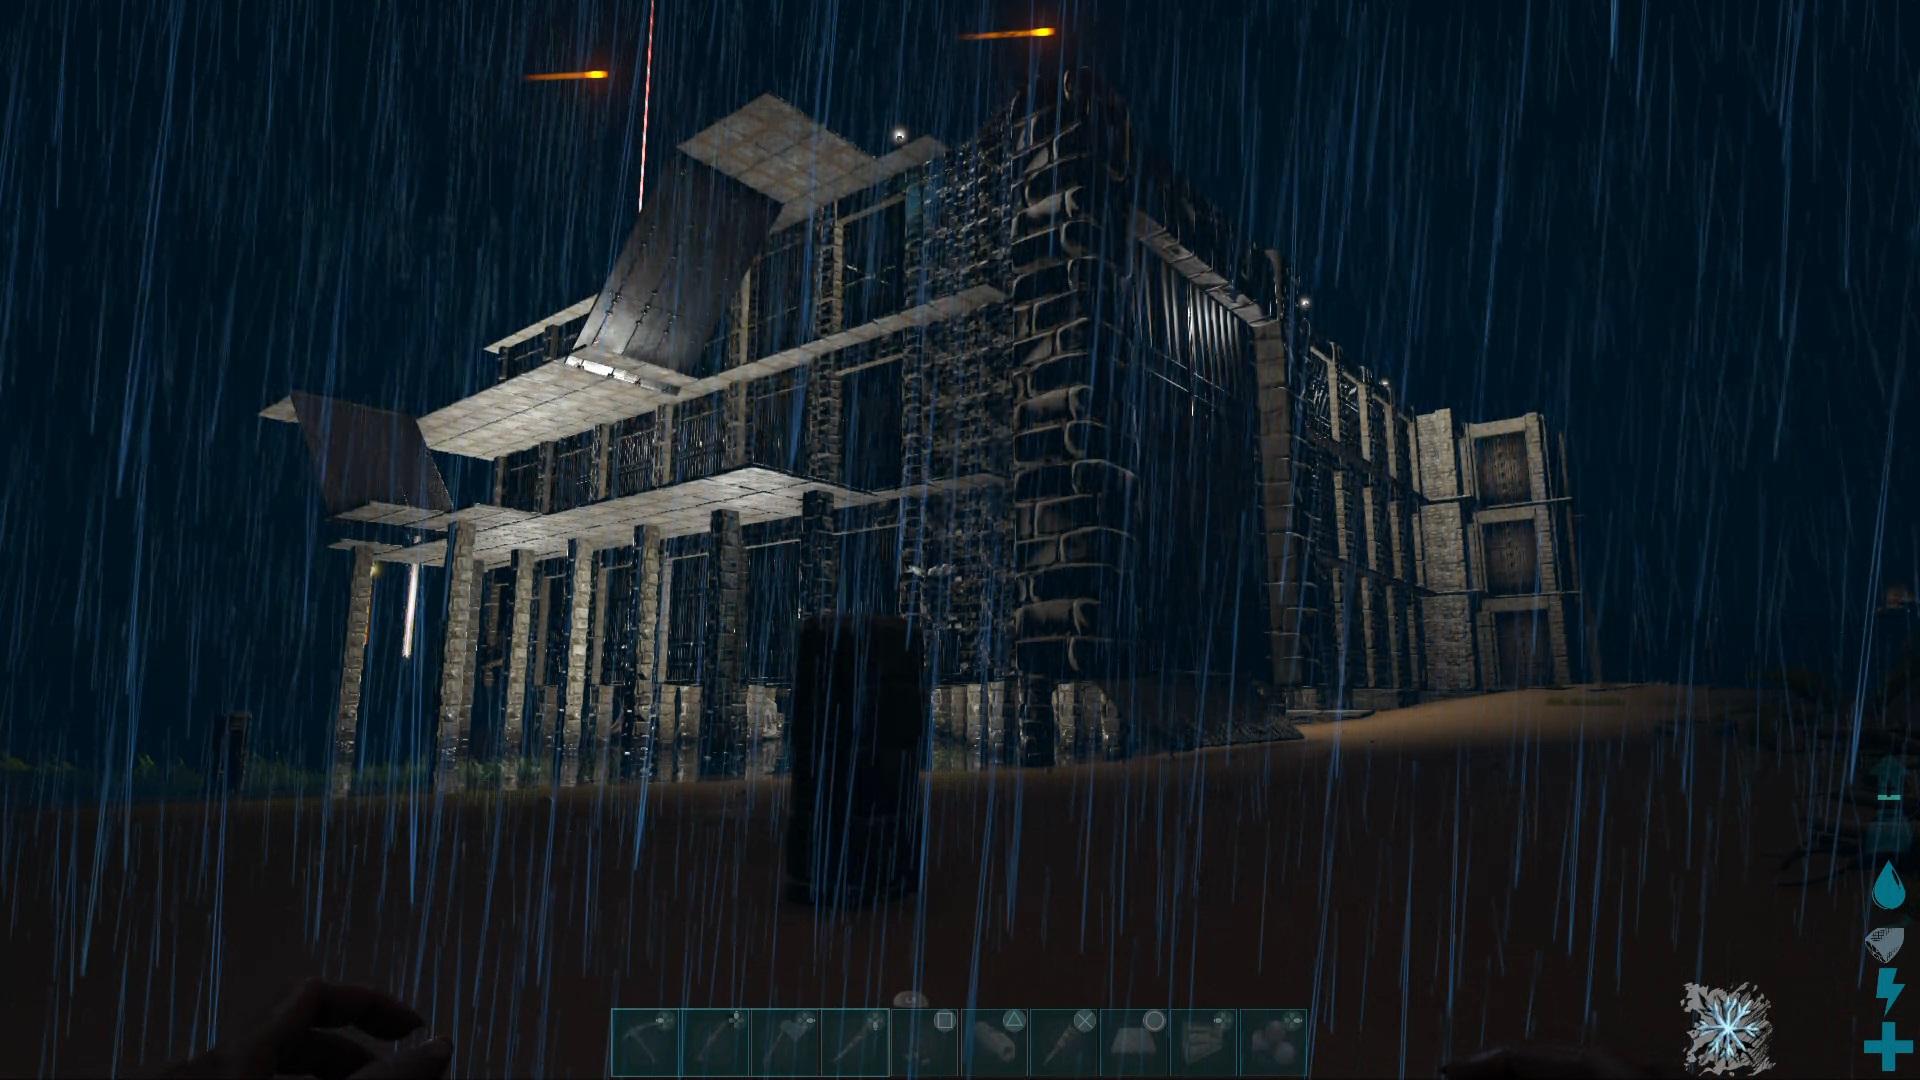 オープンワールドの恐竜サバイバルアクションゲームのARK Survival Evolved